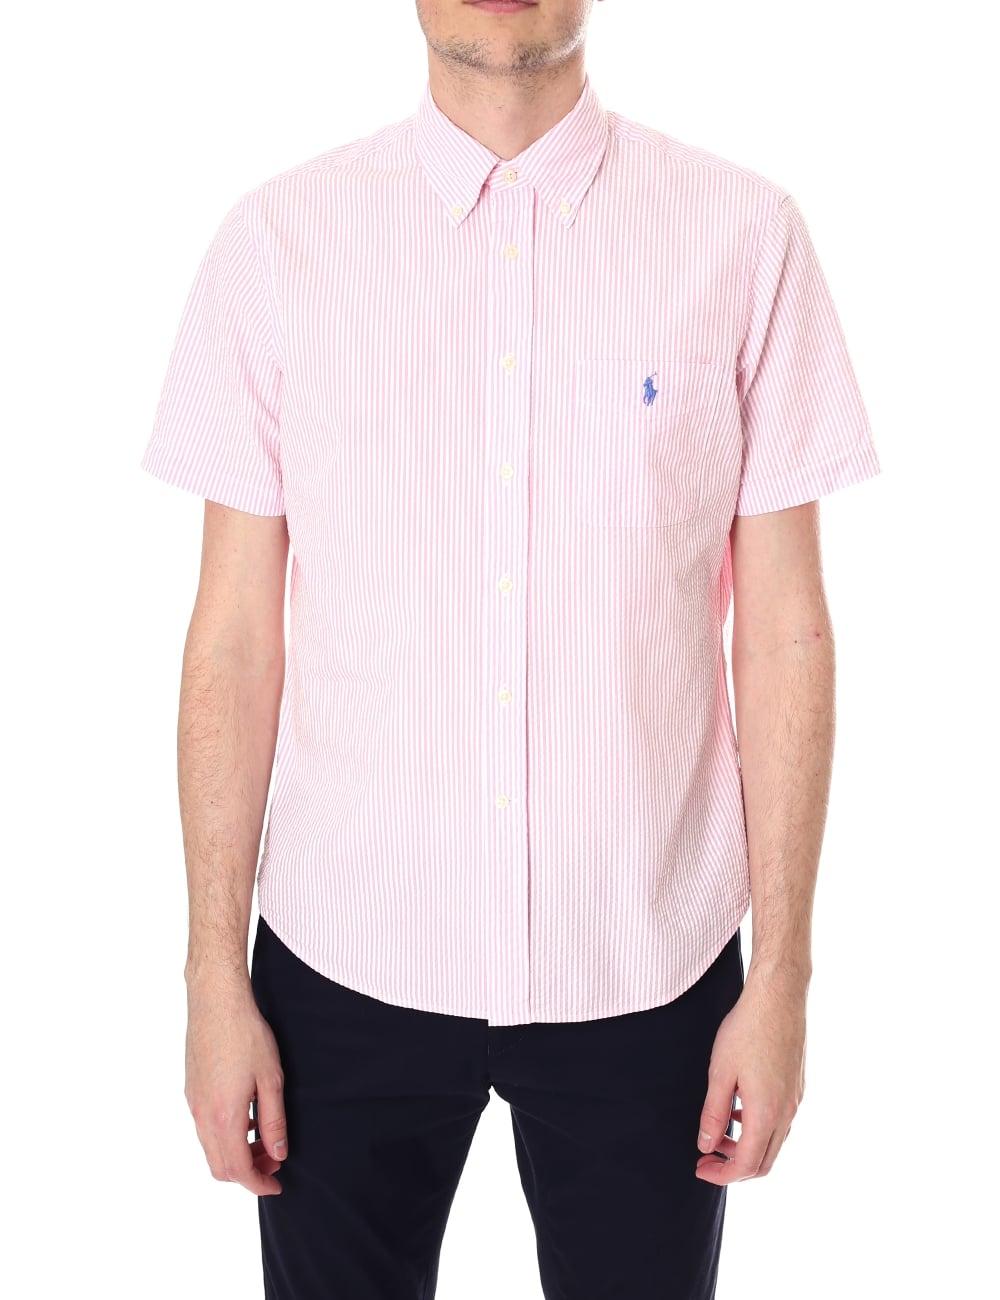 d1fa310bd Polo Ralph Lauren Men s Seersucker Short Sleeve Shirt